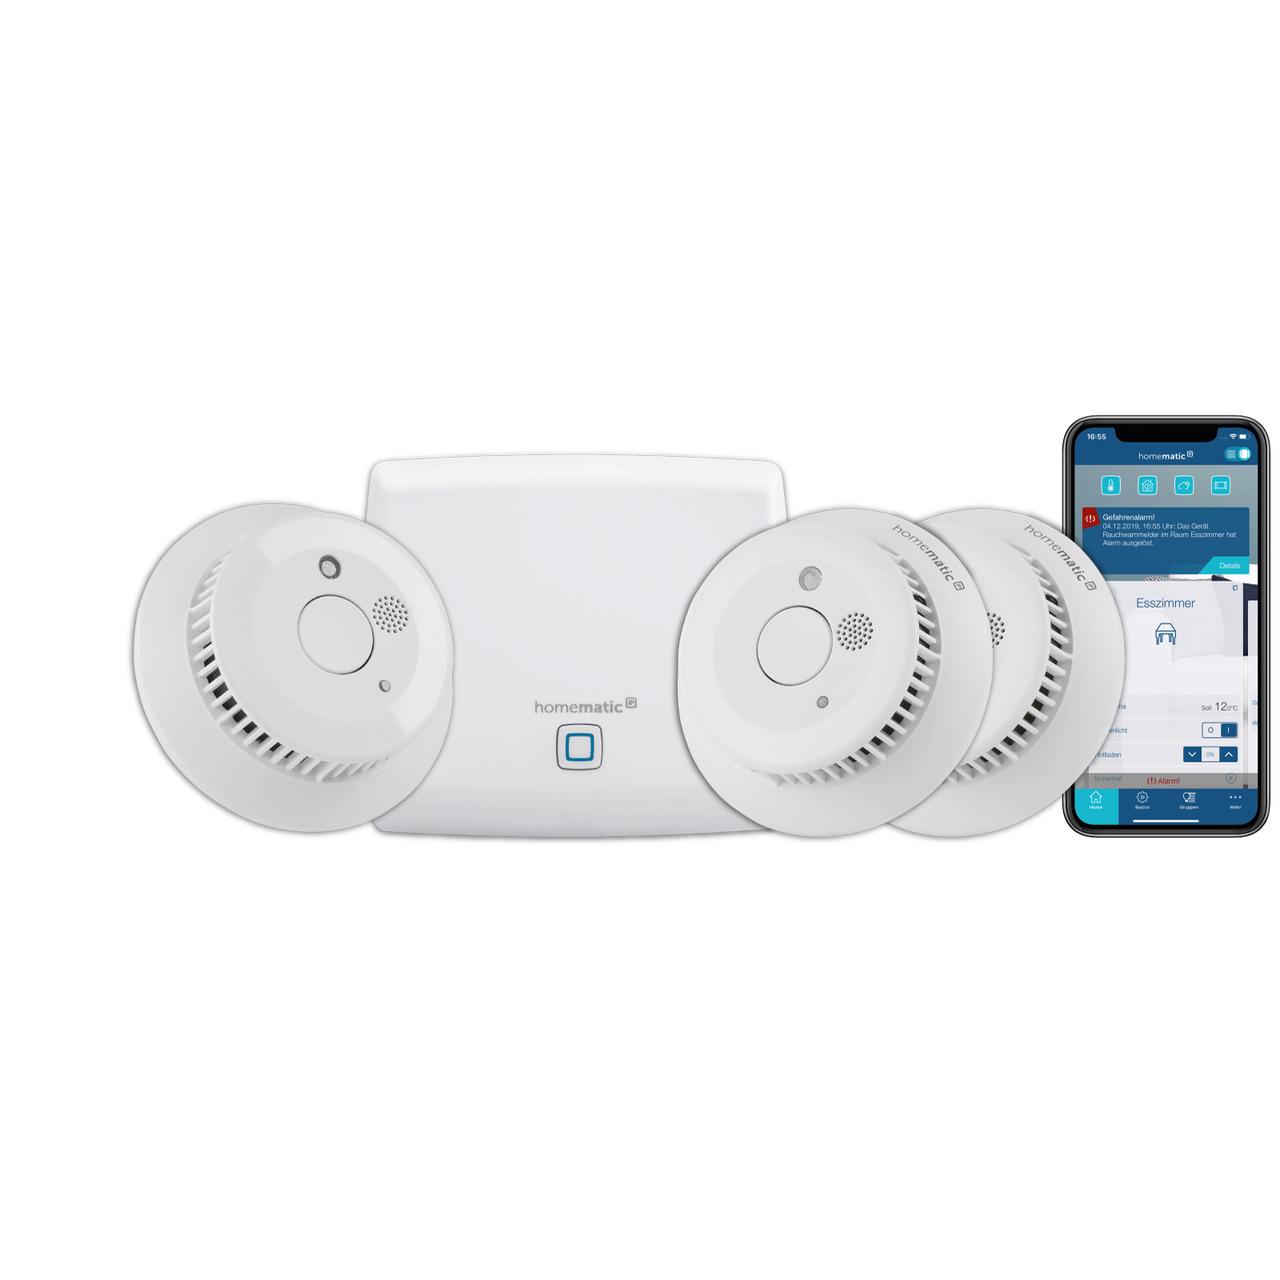 Homematic IP Smart Home Starter Set Rauchmelder mit Access Point und 3 Funk-Rauchmeldern